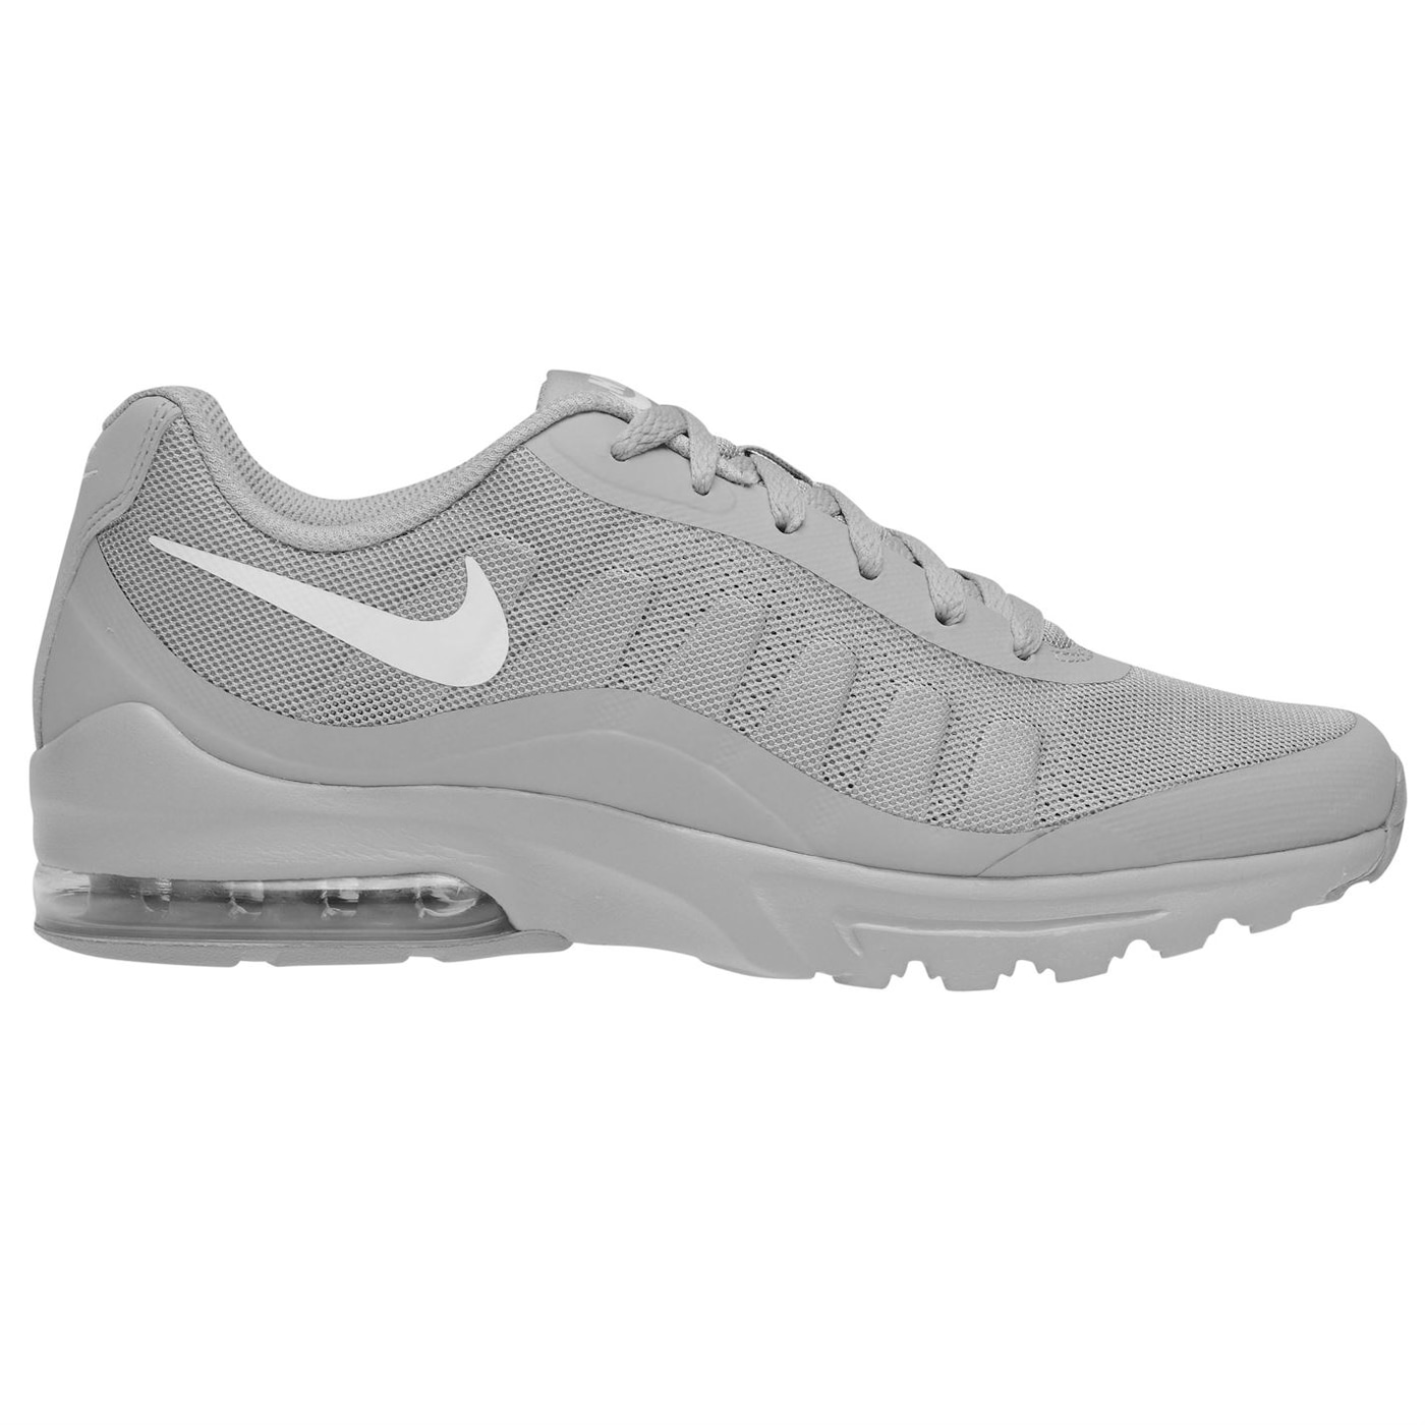 Nike Air Max Invigor pánske tenisky